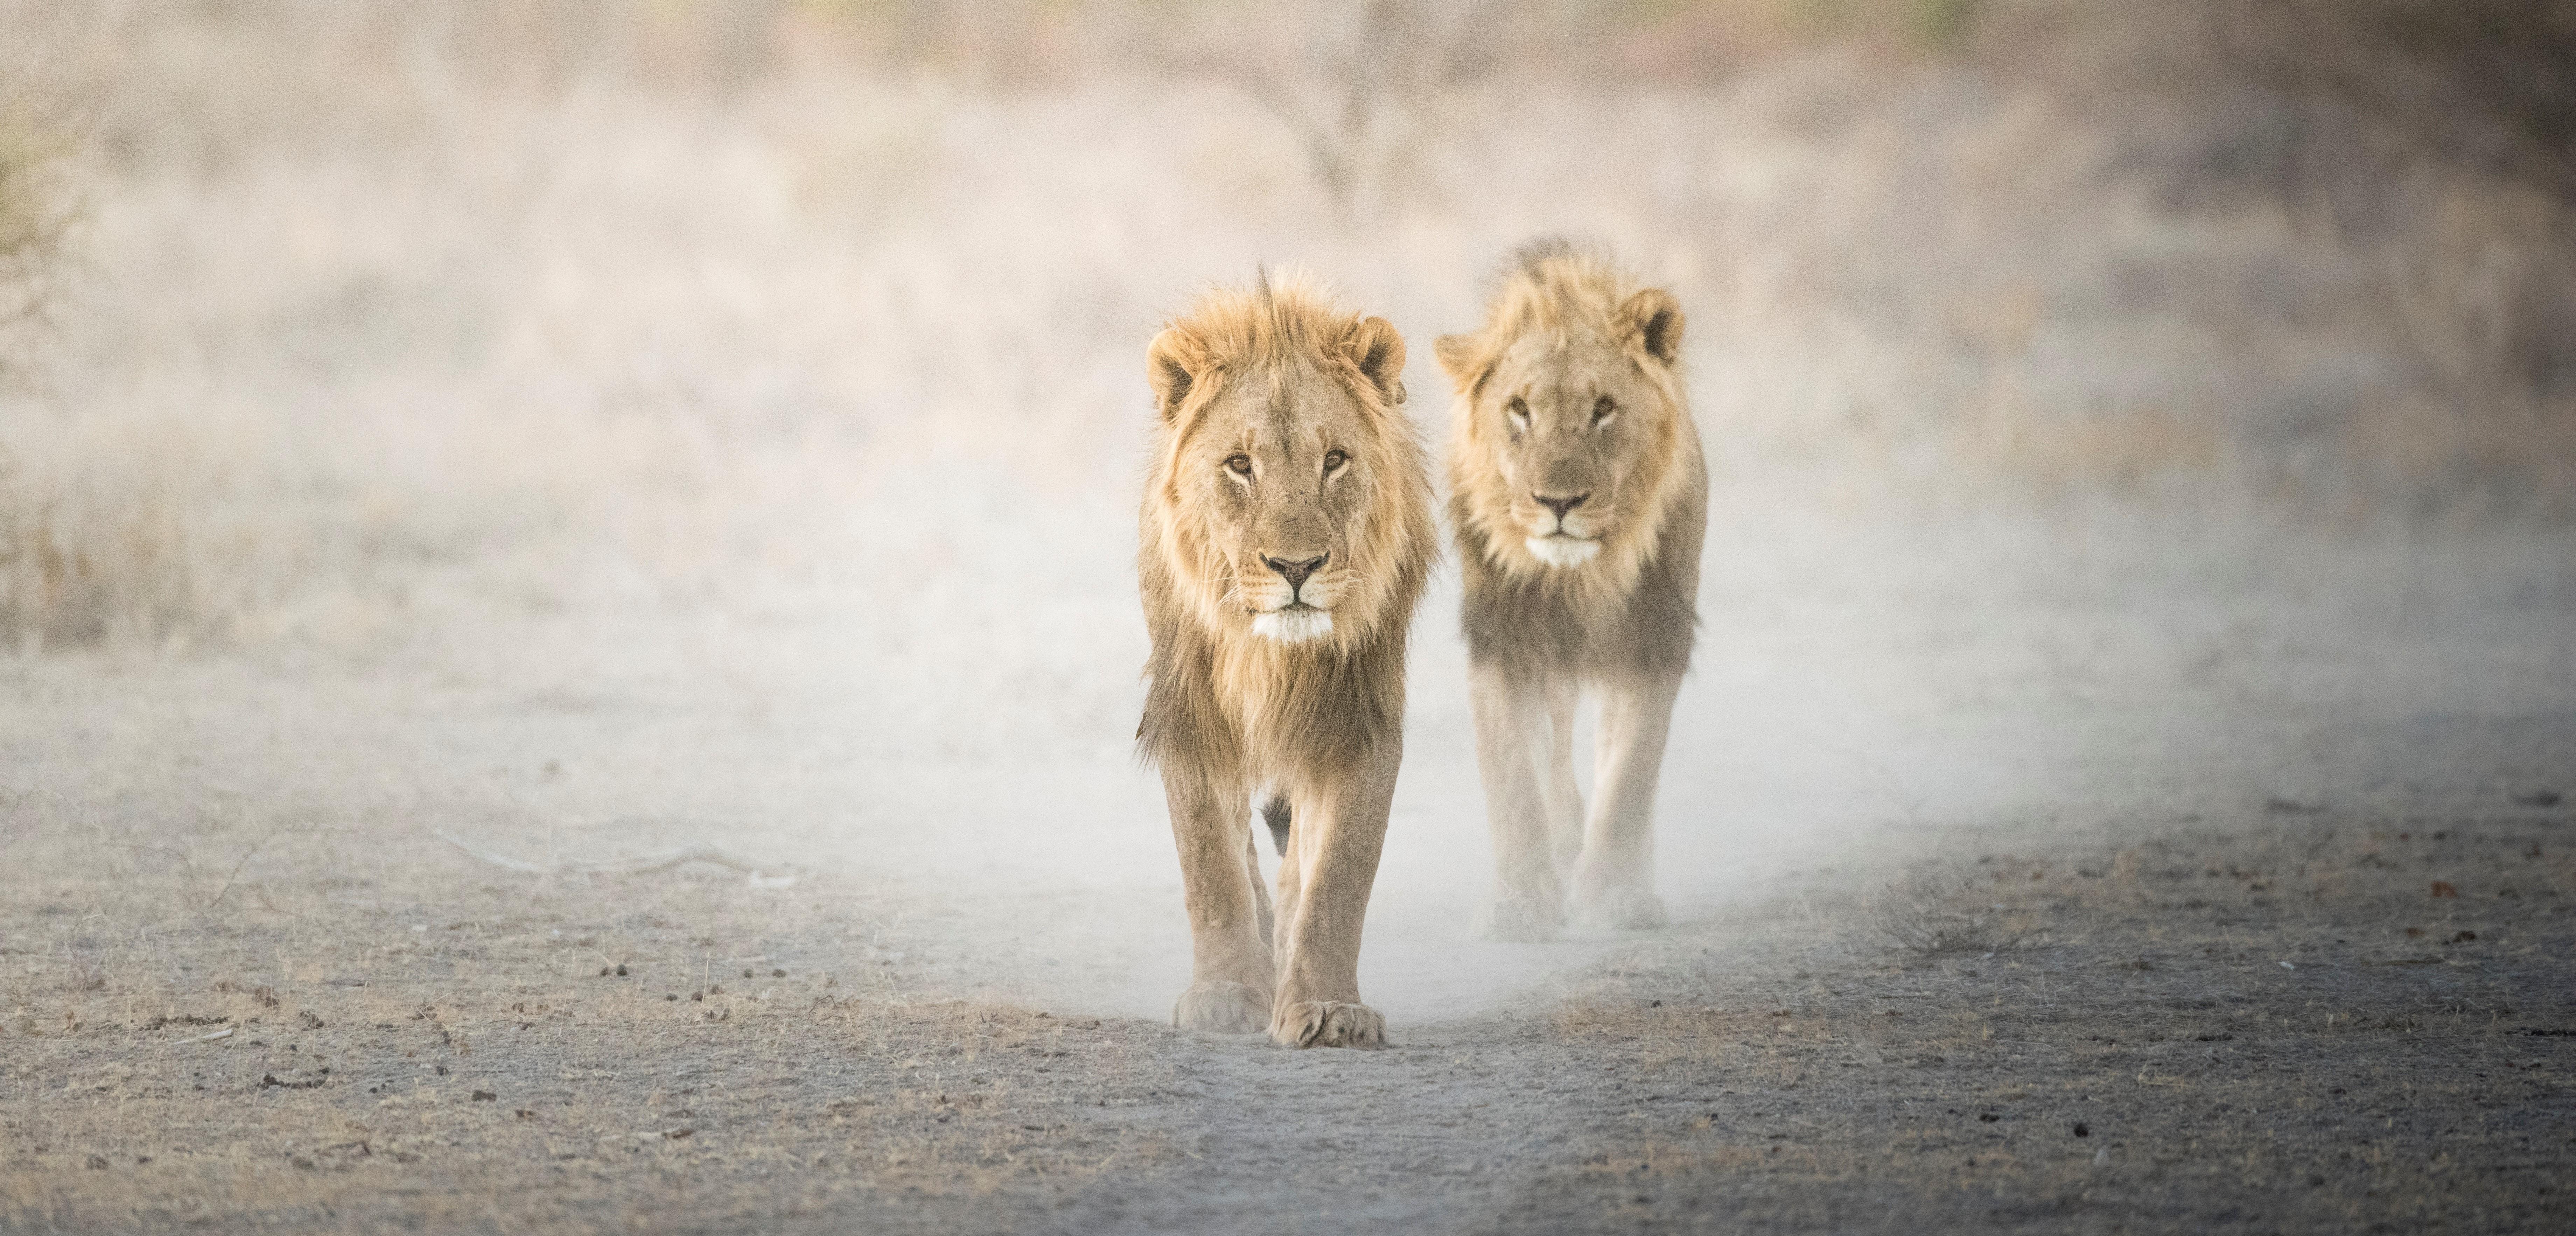 lions-etosha-national-park-namibia